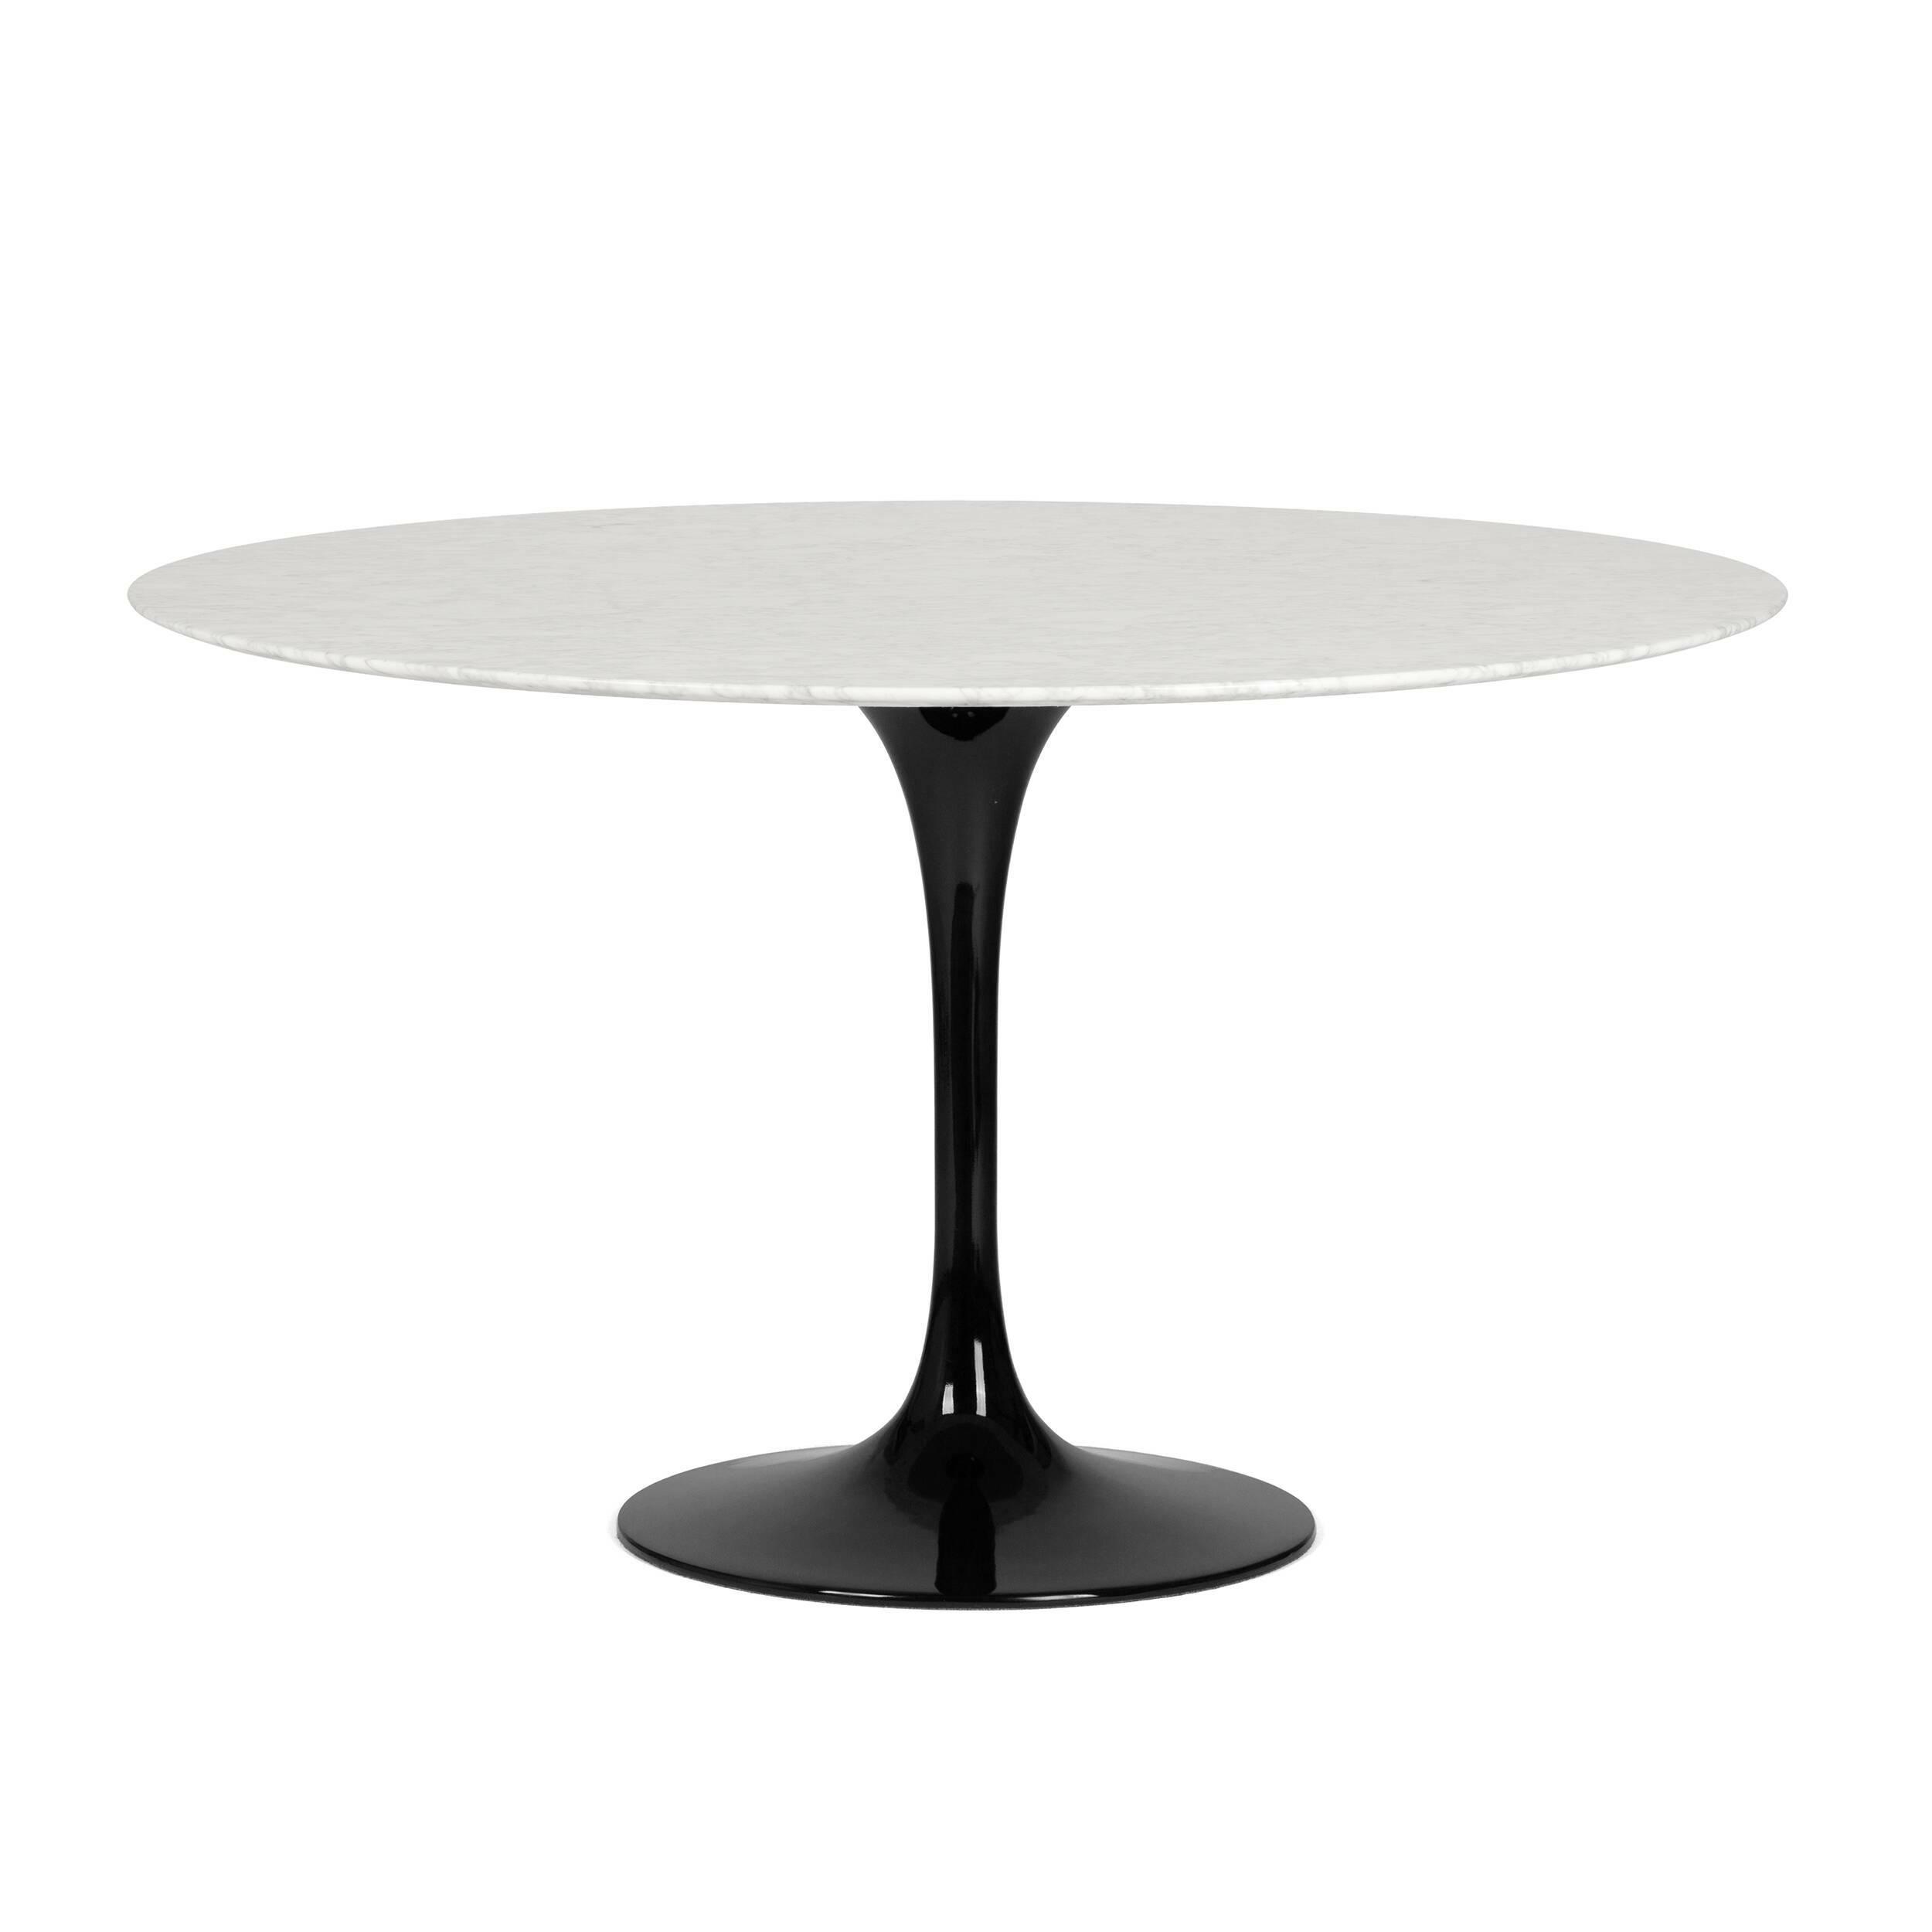 Обеденный стол Tulip диаметр 122Обеденные<br>Дизайнерская глянцевый белый обеденный стол Tulip (Тулип) овальный на одной ножке с мраморной столещницей от Cosmo (Космо).У каждого знаменитого дизайнера прошлого столетия есть своя «формула вечного дизайна», а значит, есть и произведения дизайнерского искусства, которые уже много лет не выходят из моды, не теряют своей актуальности и востребованы по сей день. Стол Tulip как раз был разработан при помощи такой формулы, которую вывел Ээро Сааринен. Изящная ножка-тюльпан и круглая столешница, ...<br><br>stock: 1<br>Высота: 72<br>Диаметр: 122<br>Цвет ножек: Черный глянец<br>Цвет столешницы: Белый<br>Материал столешницы: Мрамор итальянский<br>Тип материала столешницы: Мрамор<br>Тип материала ножек: Алюминий